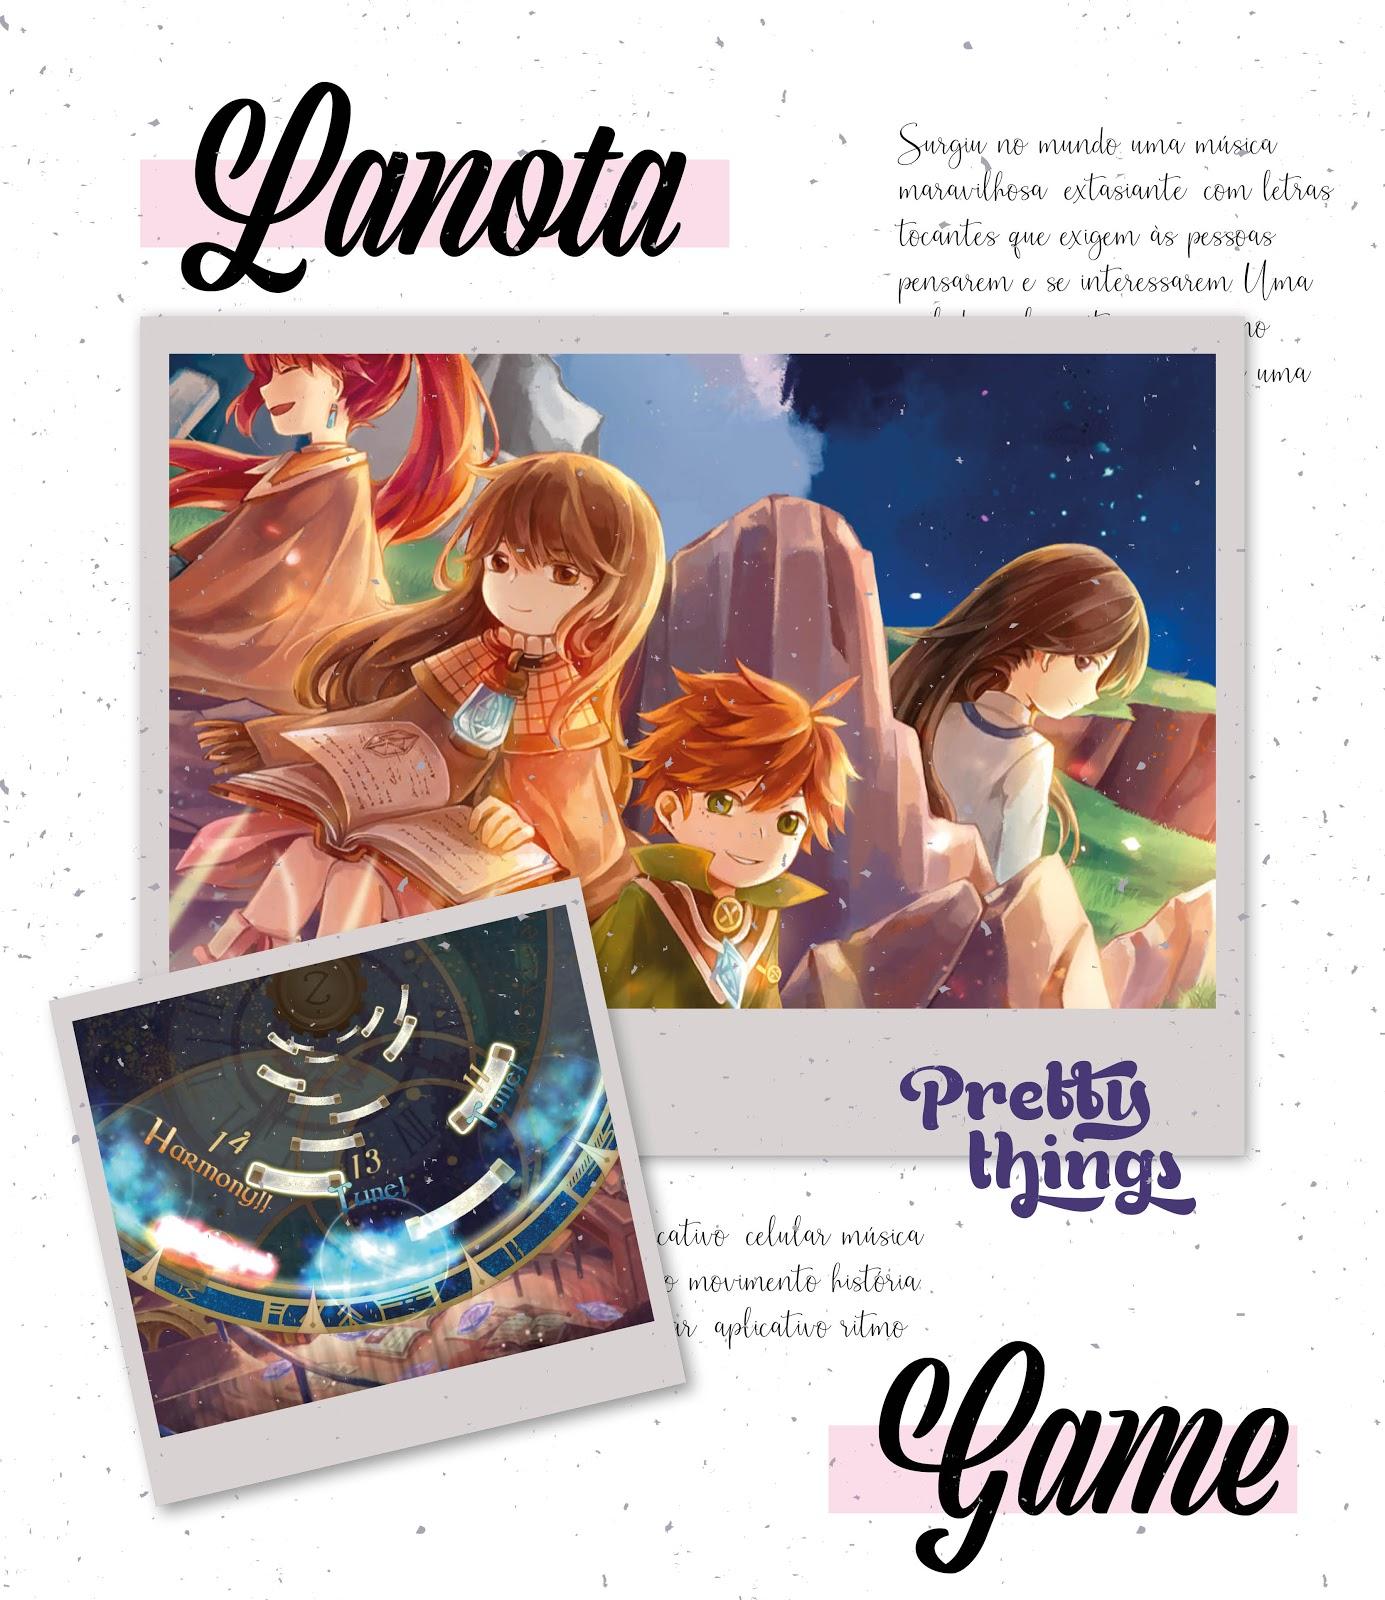 Lanota - Game para celular